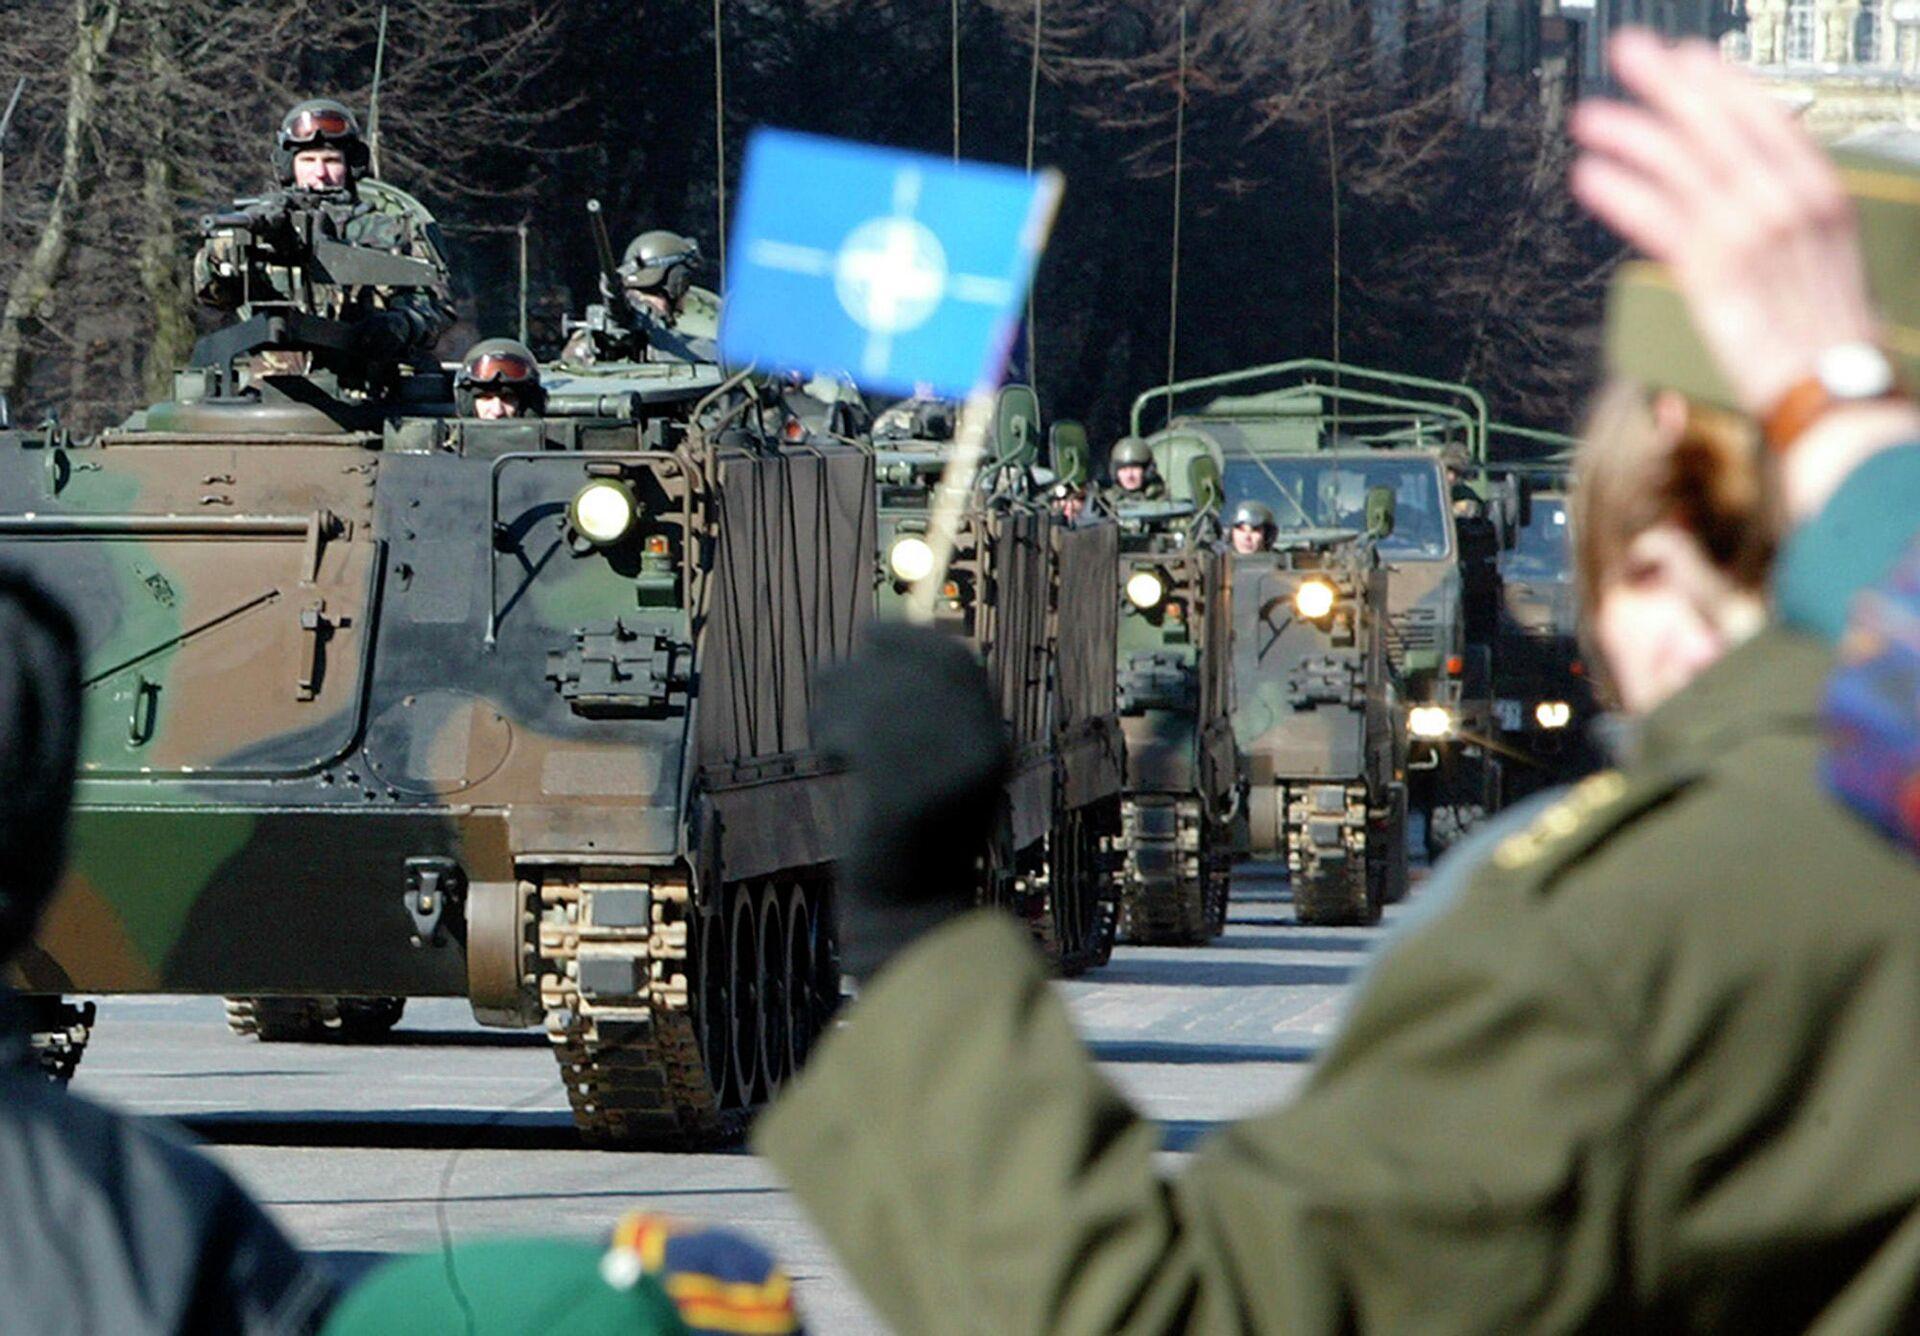 Парад в честь вступления трех стран Прибалтики в НАТО в Вильнюсе. 2004 год  - РИА Новости, 1920, 23.10.2020